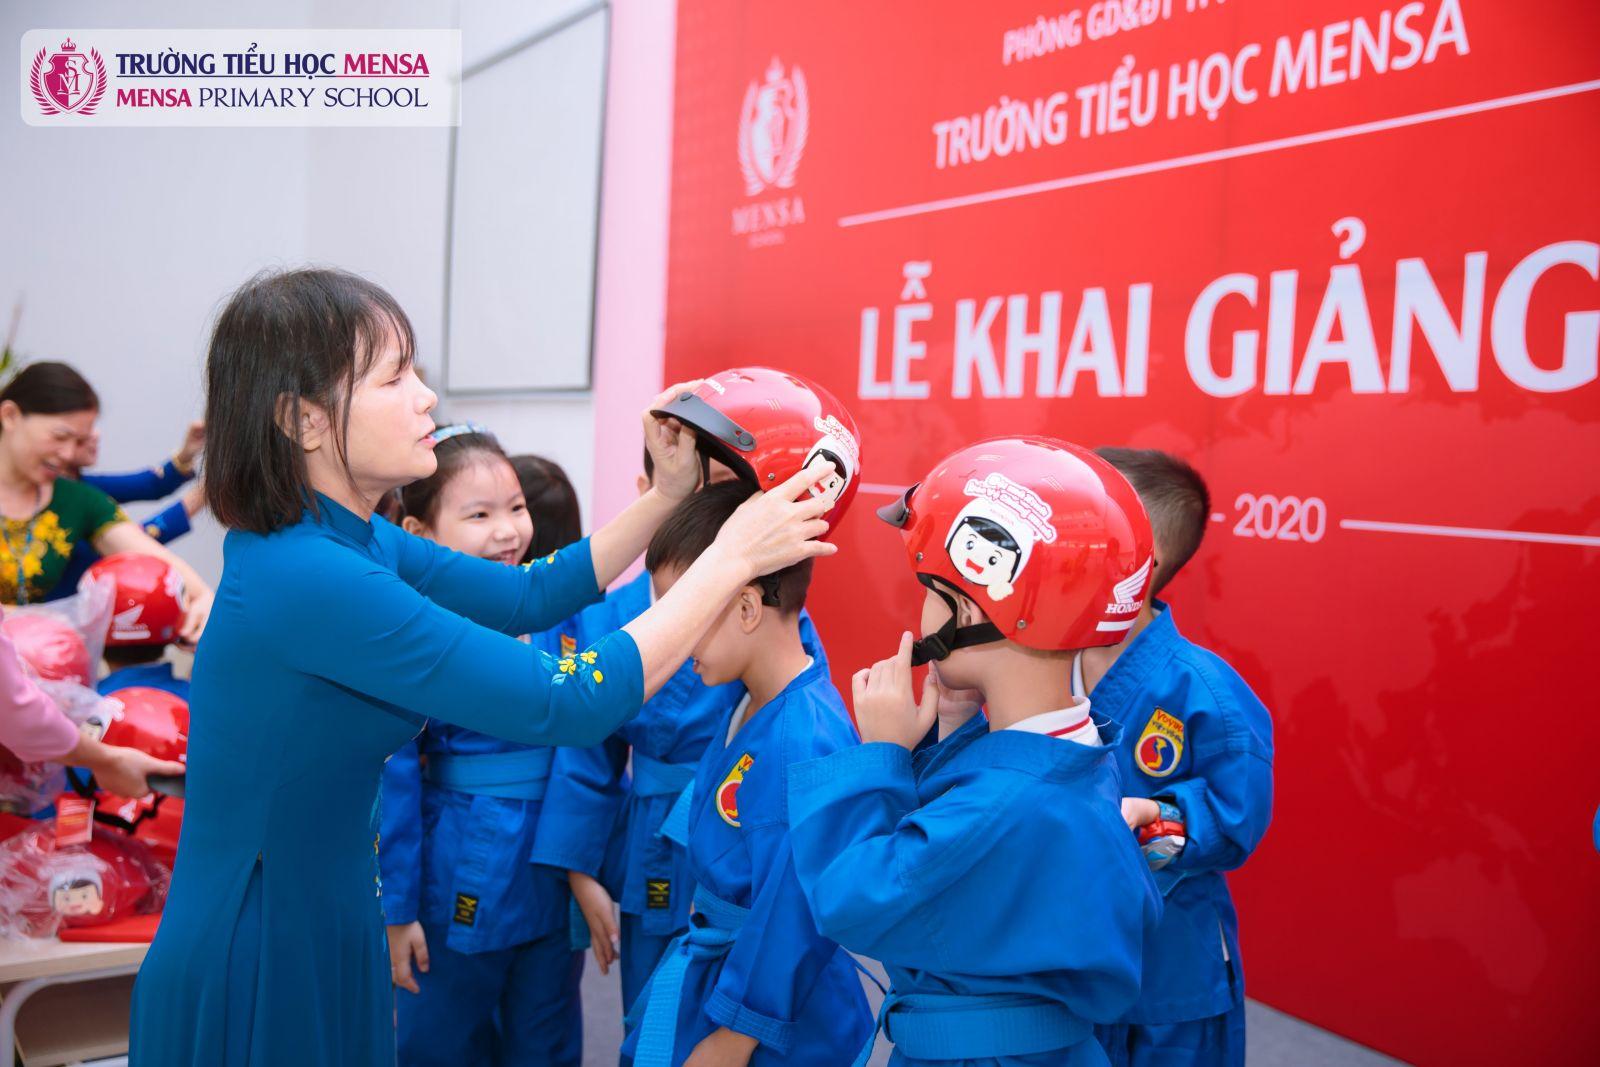 """Bà Lại Thị Hạnh - P. Hiệu trưởng nhà trường trao mũ bào hiểm moto xe máy cho học sinh nhân ngày khai giảng với chủ đề """"Giữ trọn ước mơ"""""""